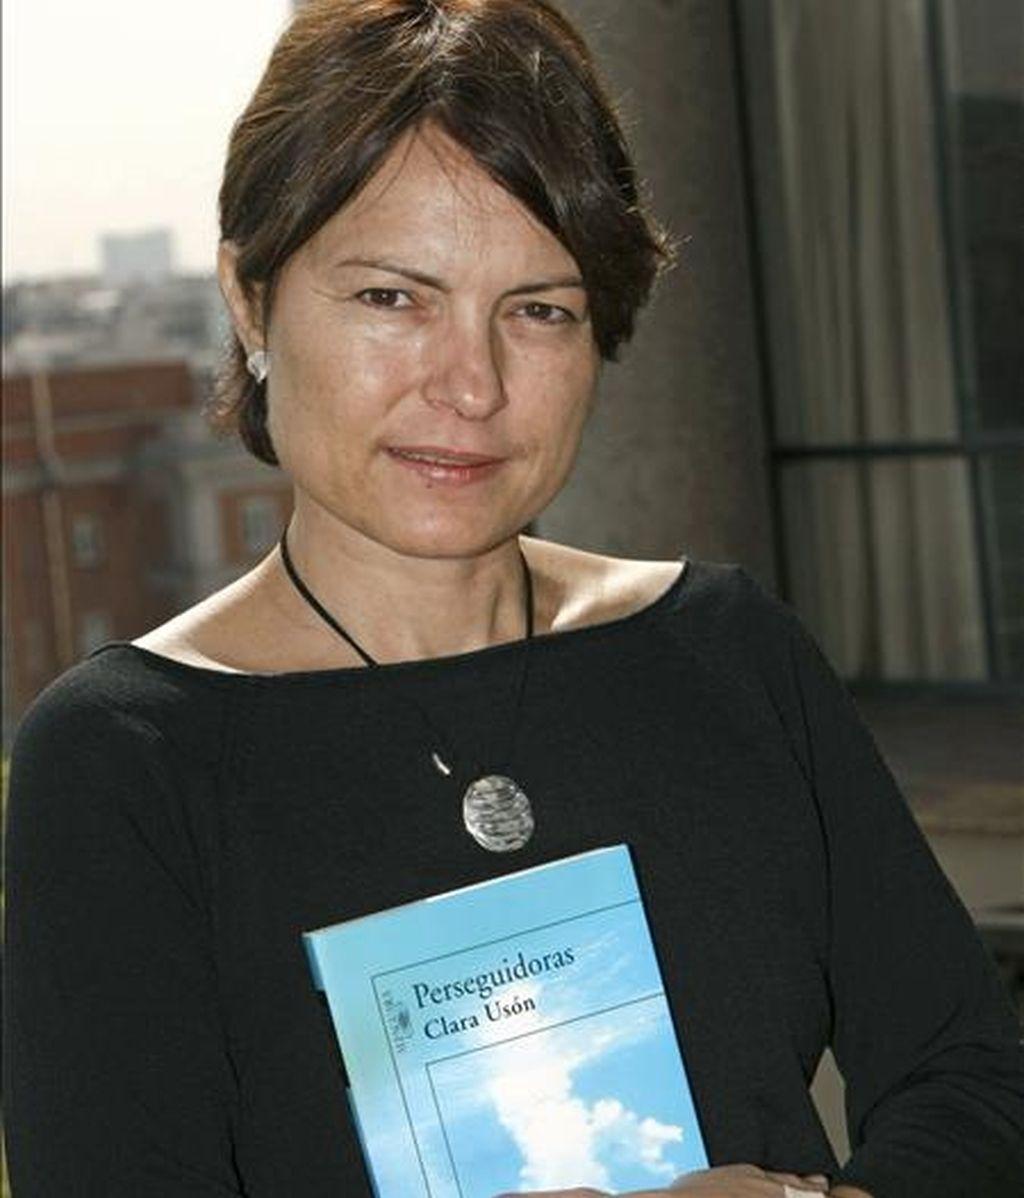 La novelista barcelonesa Clara Usón durante una entrevista con Efe. Fotografía de septiembre de 2007. EFE/Archivo